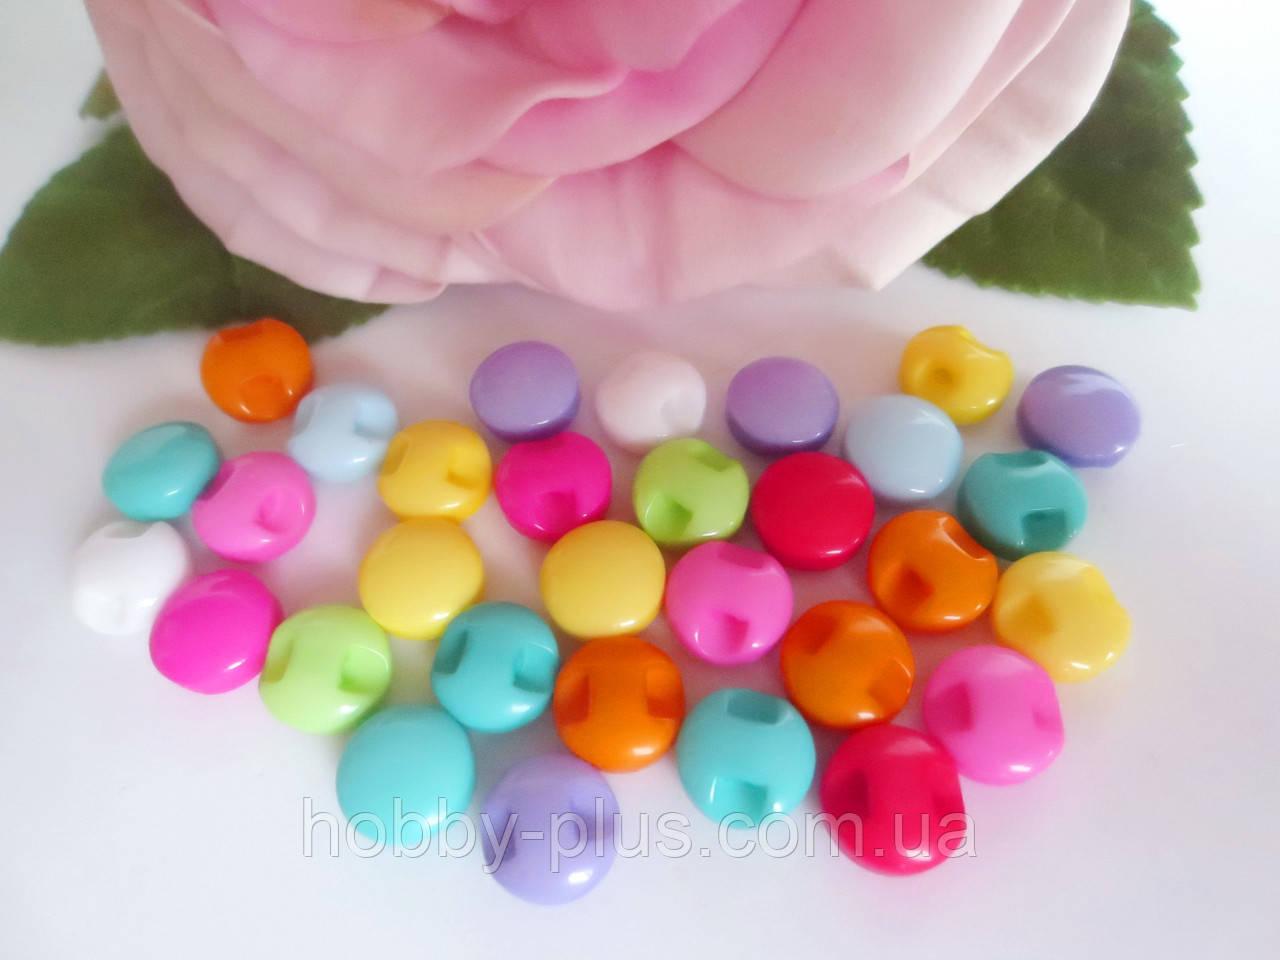 Пуговицы пластиковые, цвет микс, 10 шт